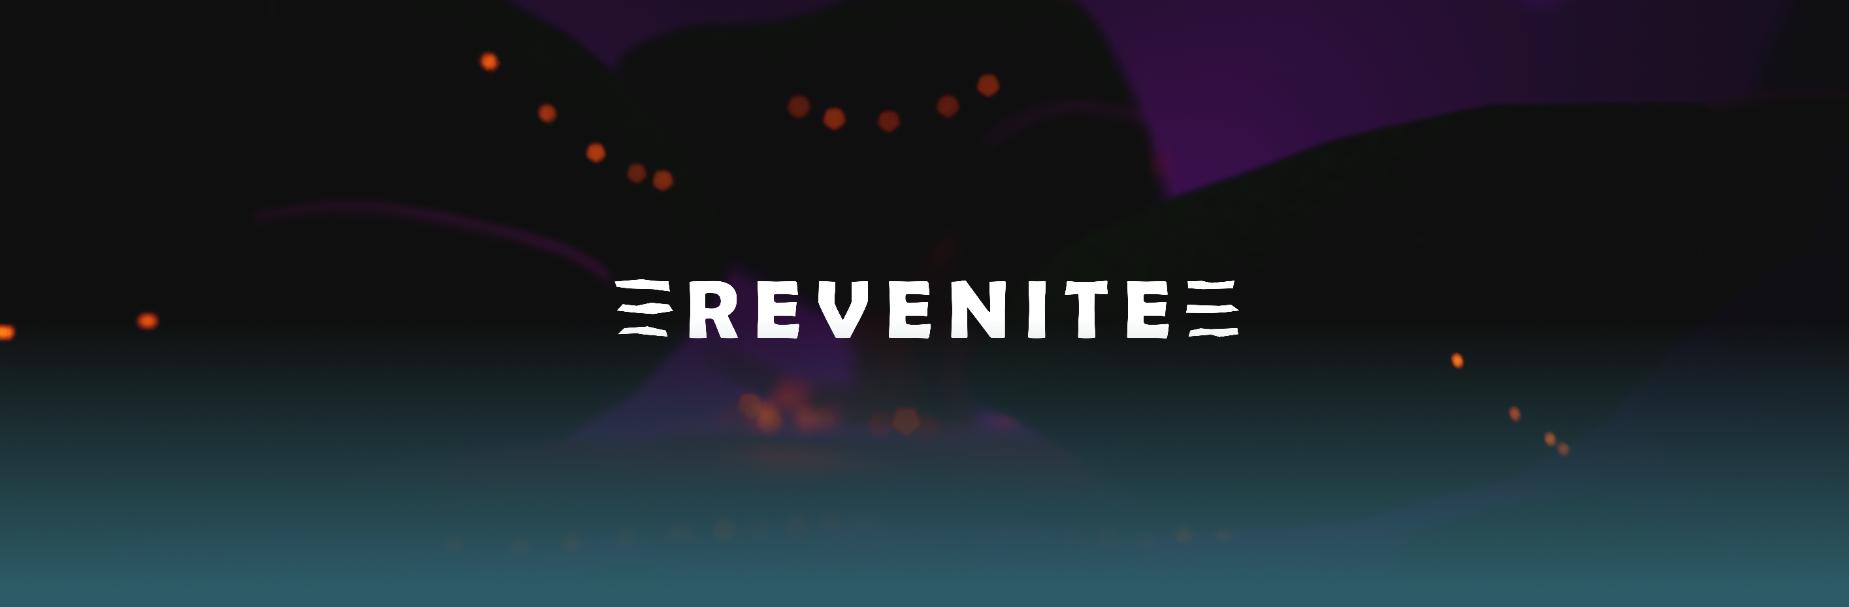 REVENITE